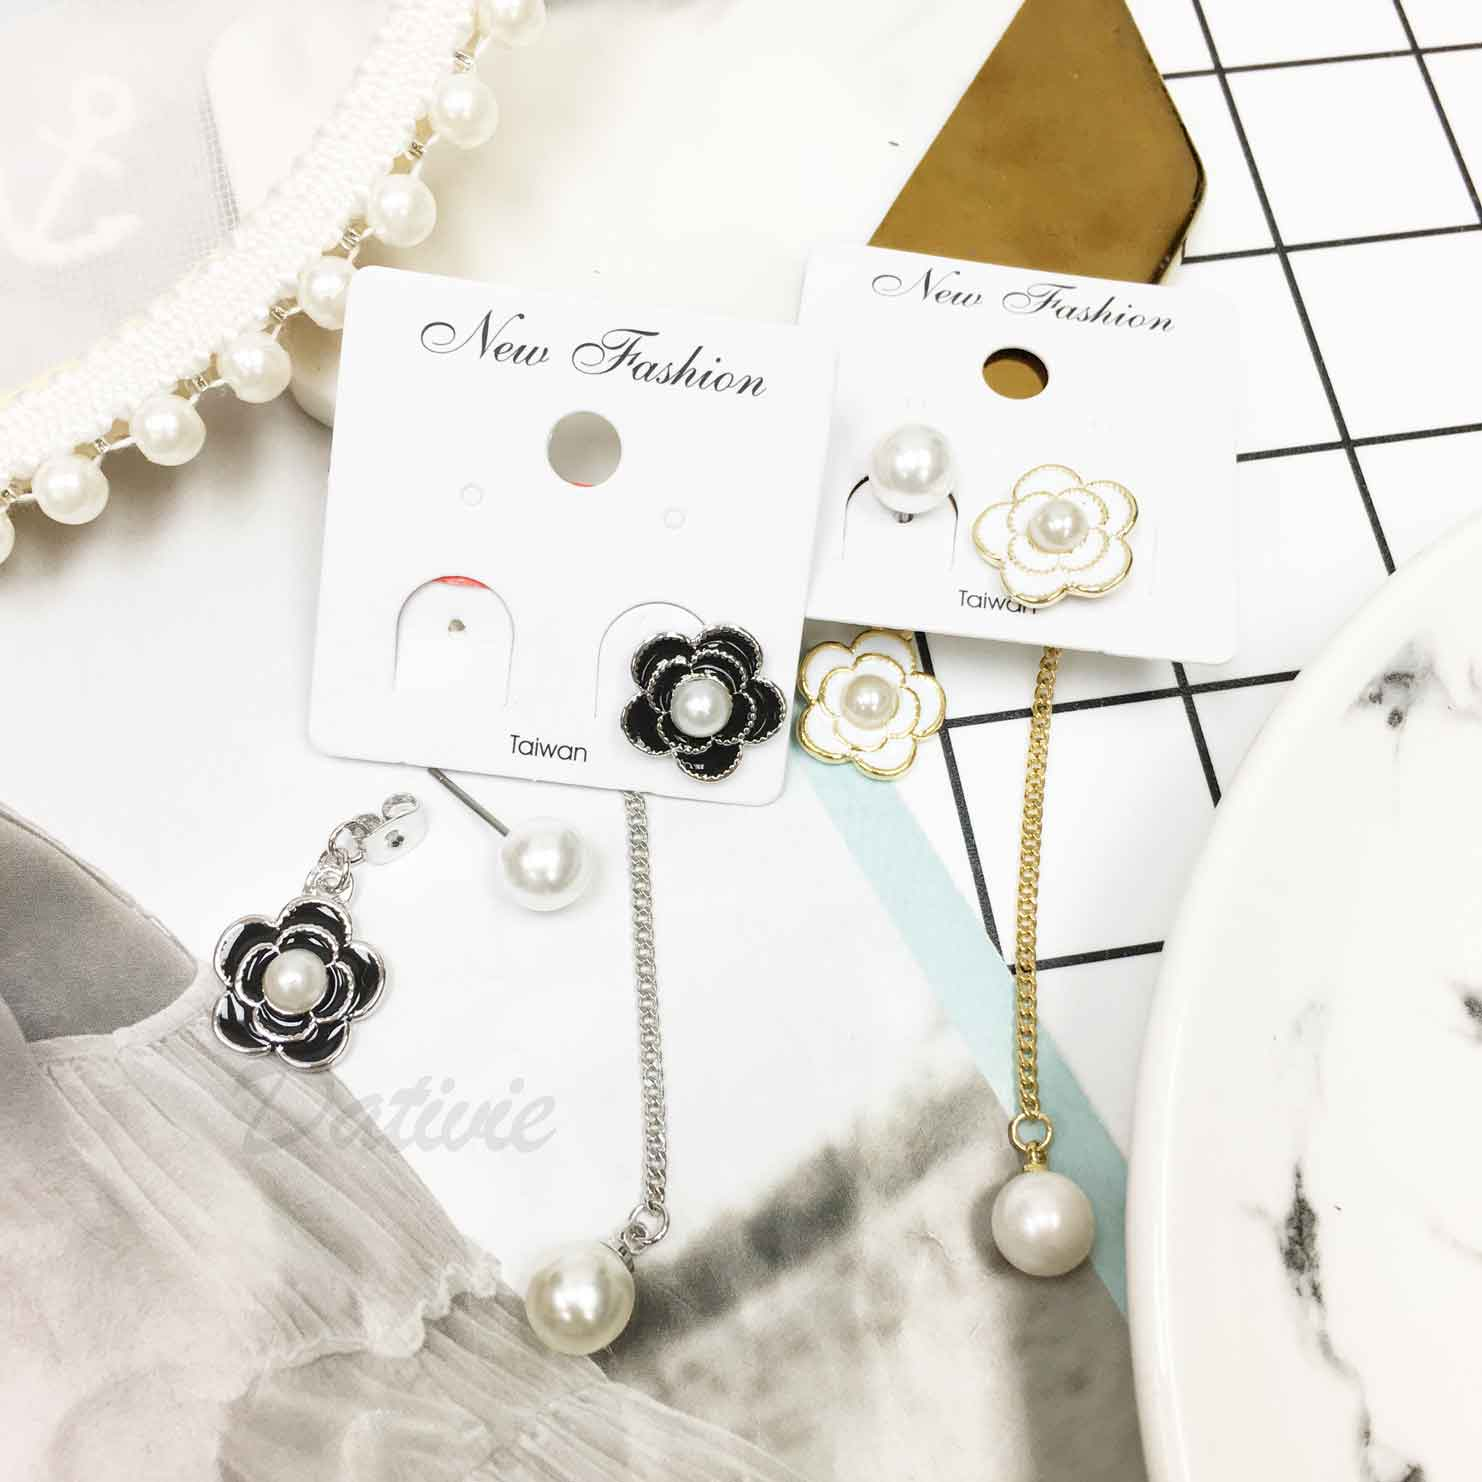 小香風 珍珠 山茶花 不對稱 2色 垂墜感 耳針式耳環